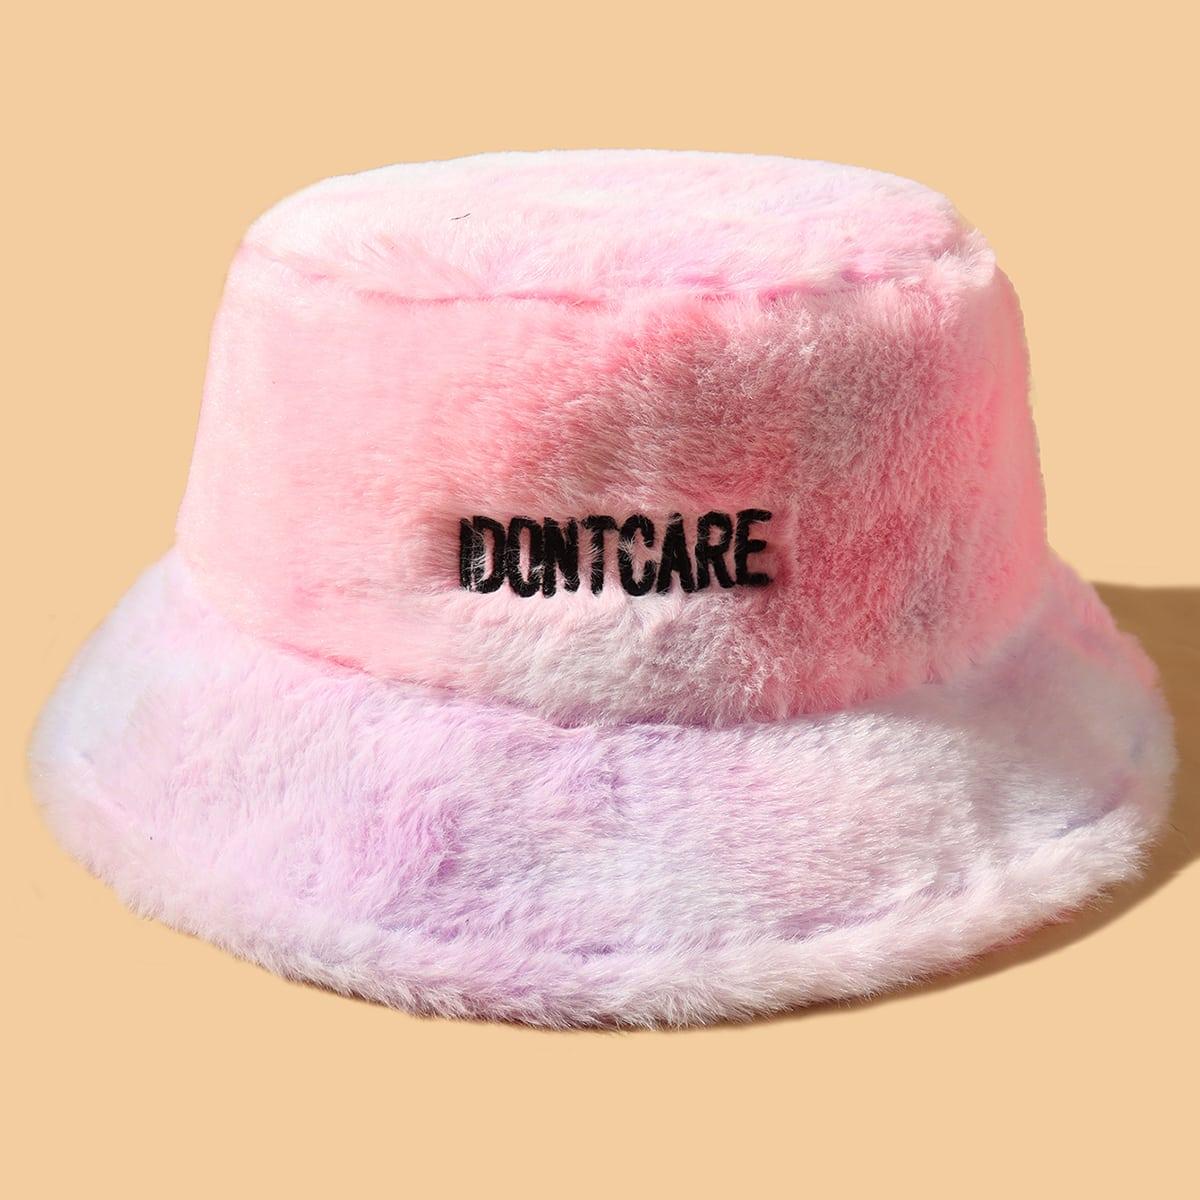 Плюшевая шляпа с текстовой вышивкой